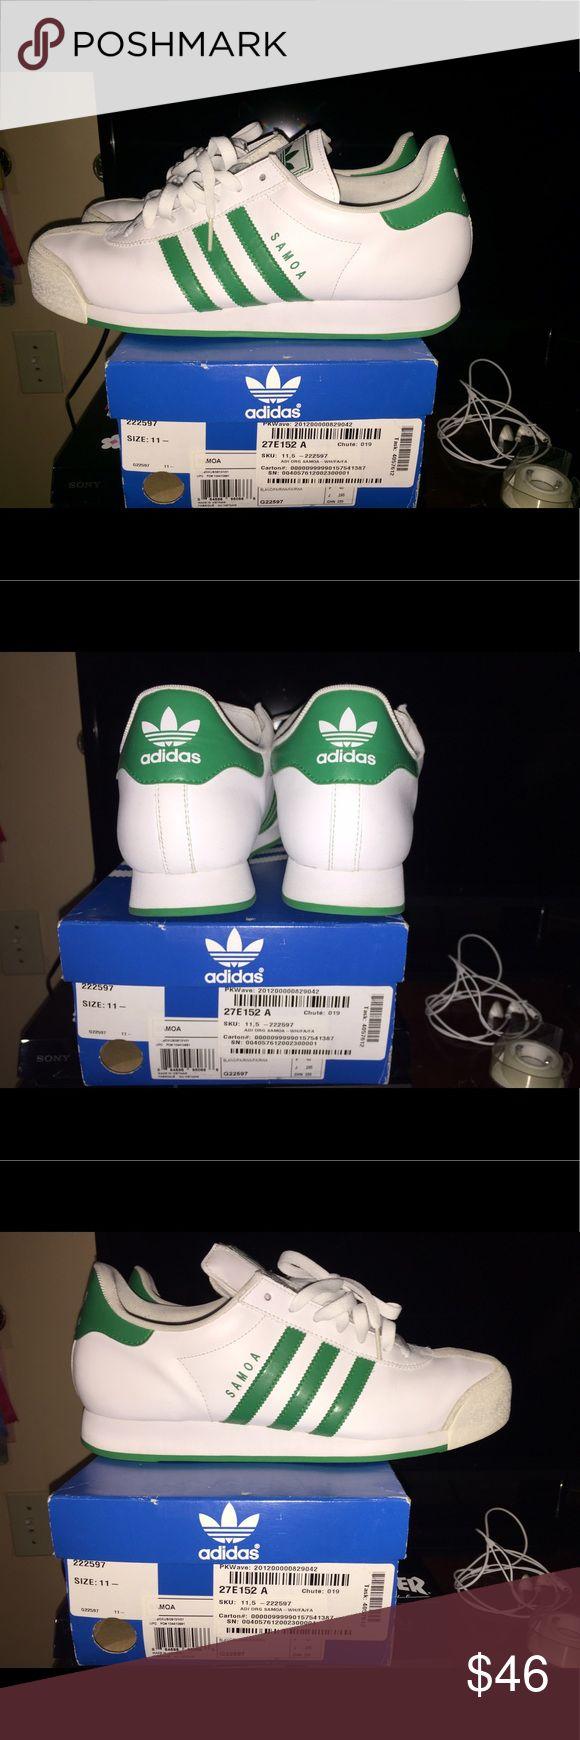 White/Green MEN Adidas Somas Adidas Somas white/gree 8.5/10 condition SIZE 11.5 Adidas Shoes Sneakers